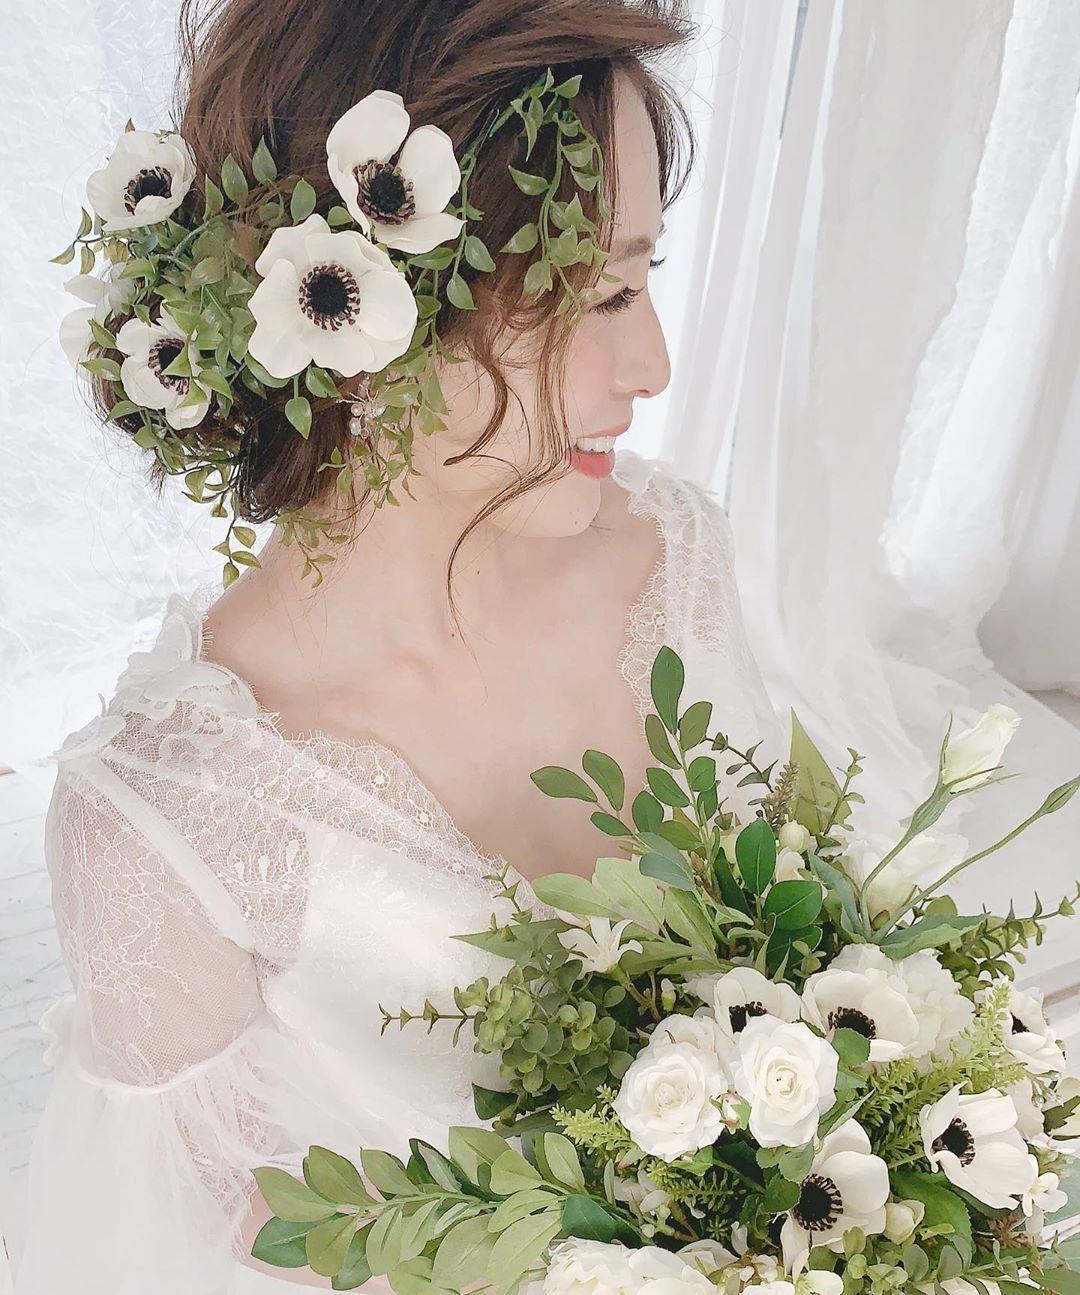 甘過ぎない可愛さが大人気♡今話題のアネモネヘアアレンジ10選 | 結婚式準備はウェディングニュース